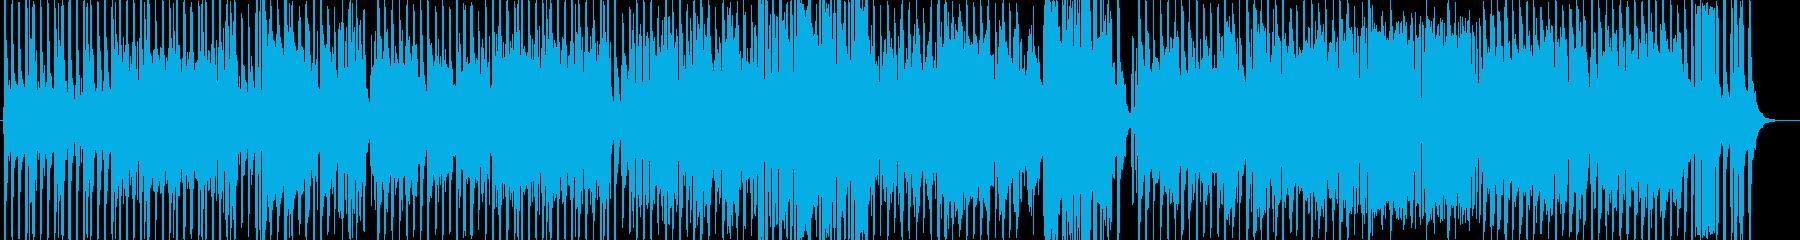 スペイン闘牛の代表的音楽の再生済みの波形